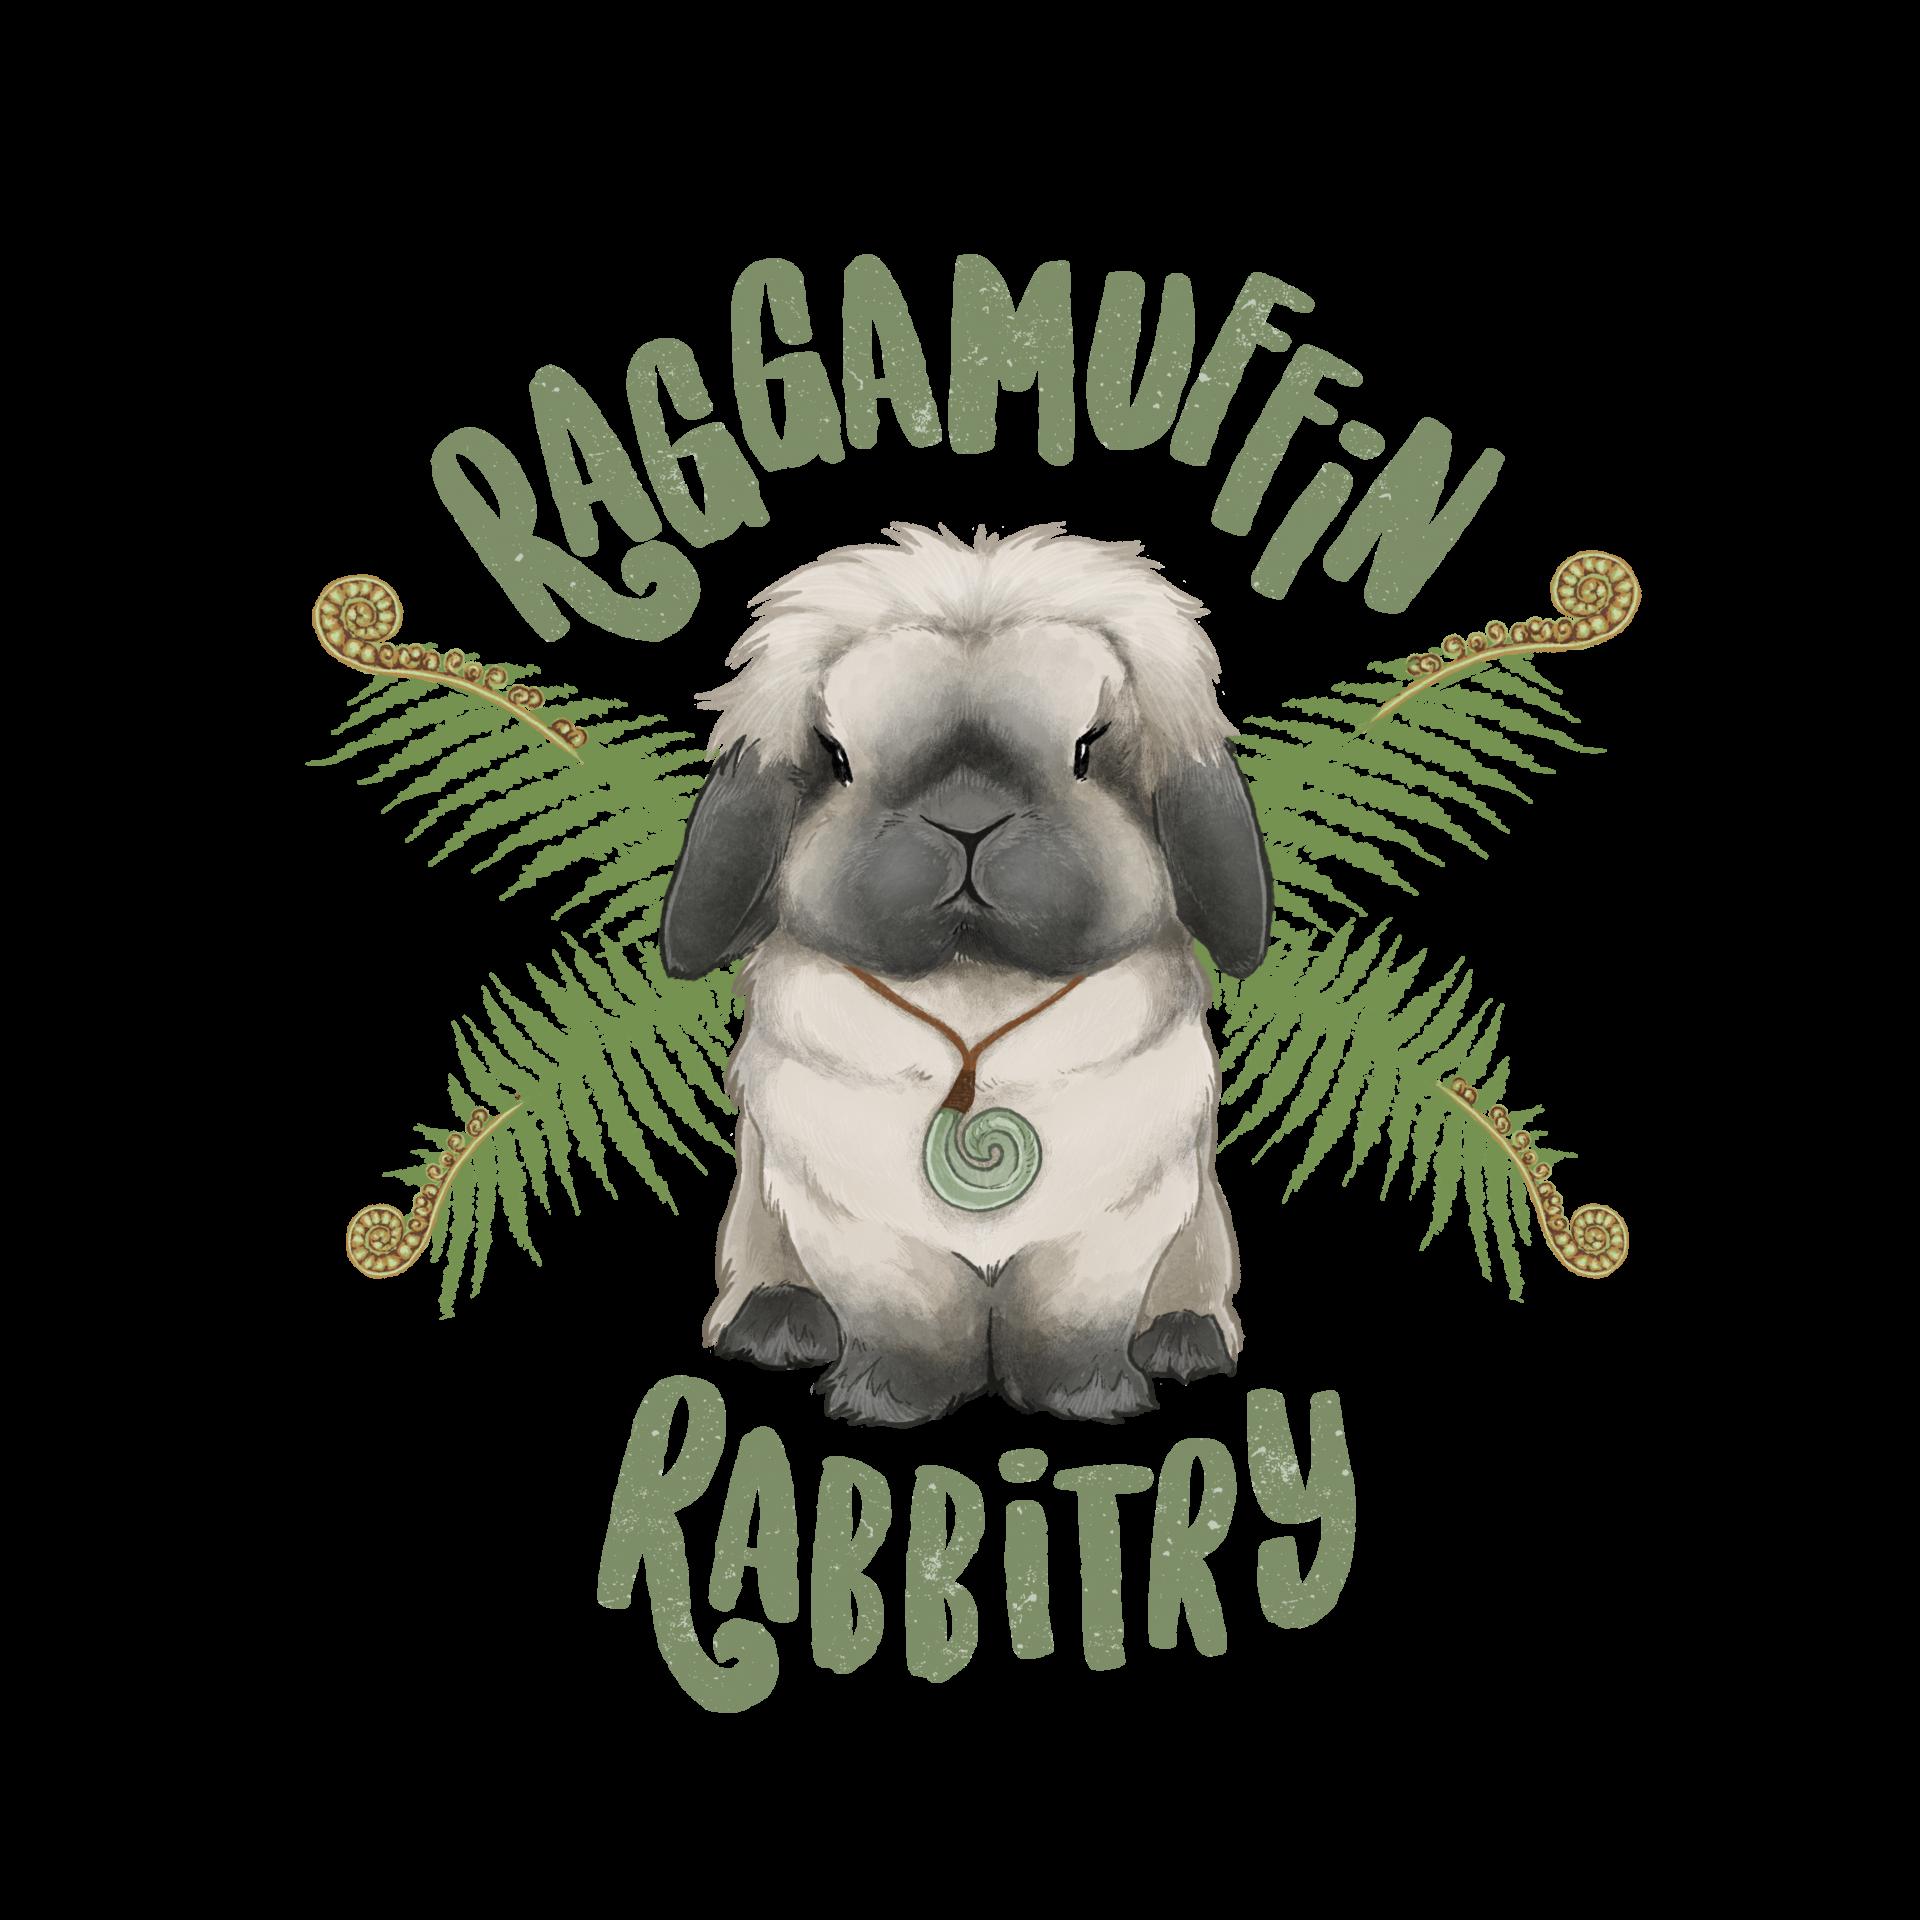 Raggamuffin Rabbitry